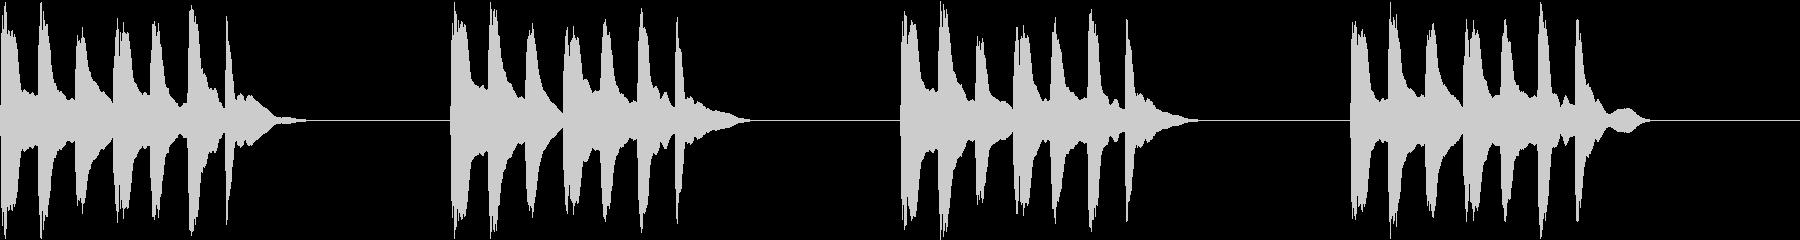 シンプル ベル 着信音 チャイム C16の未再生の波形